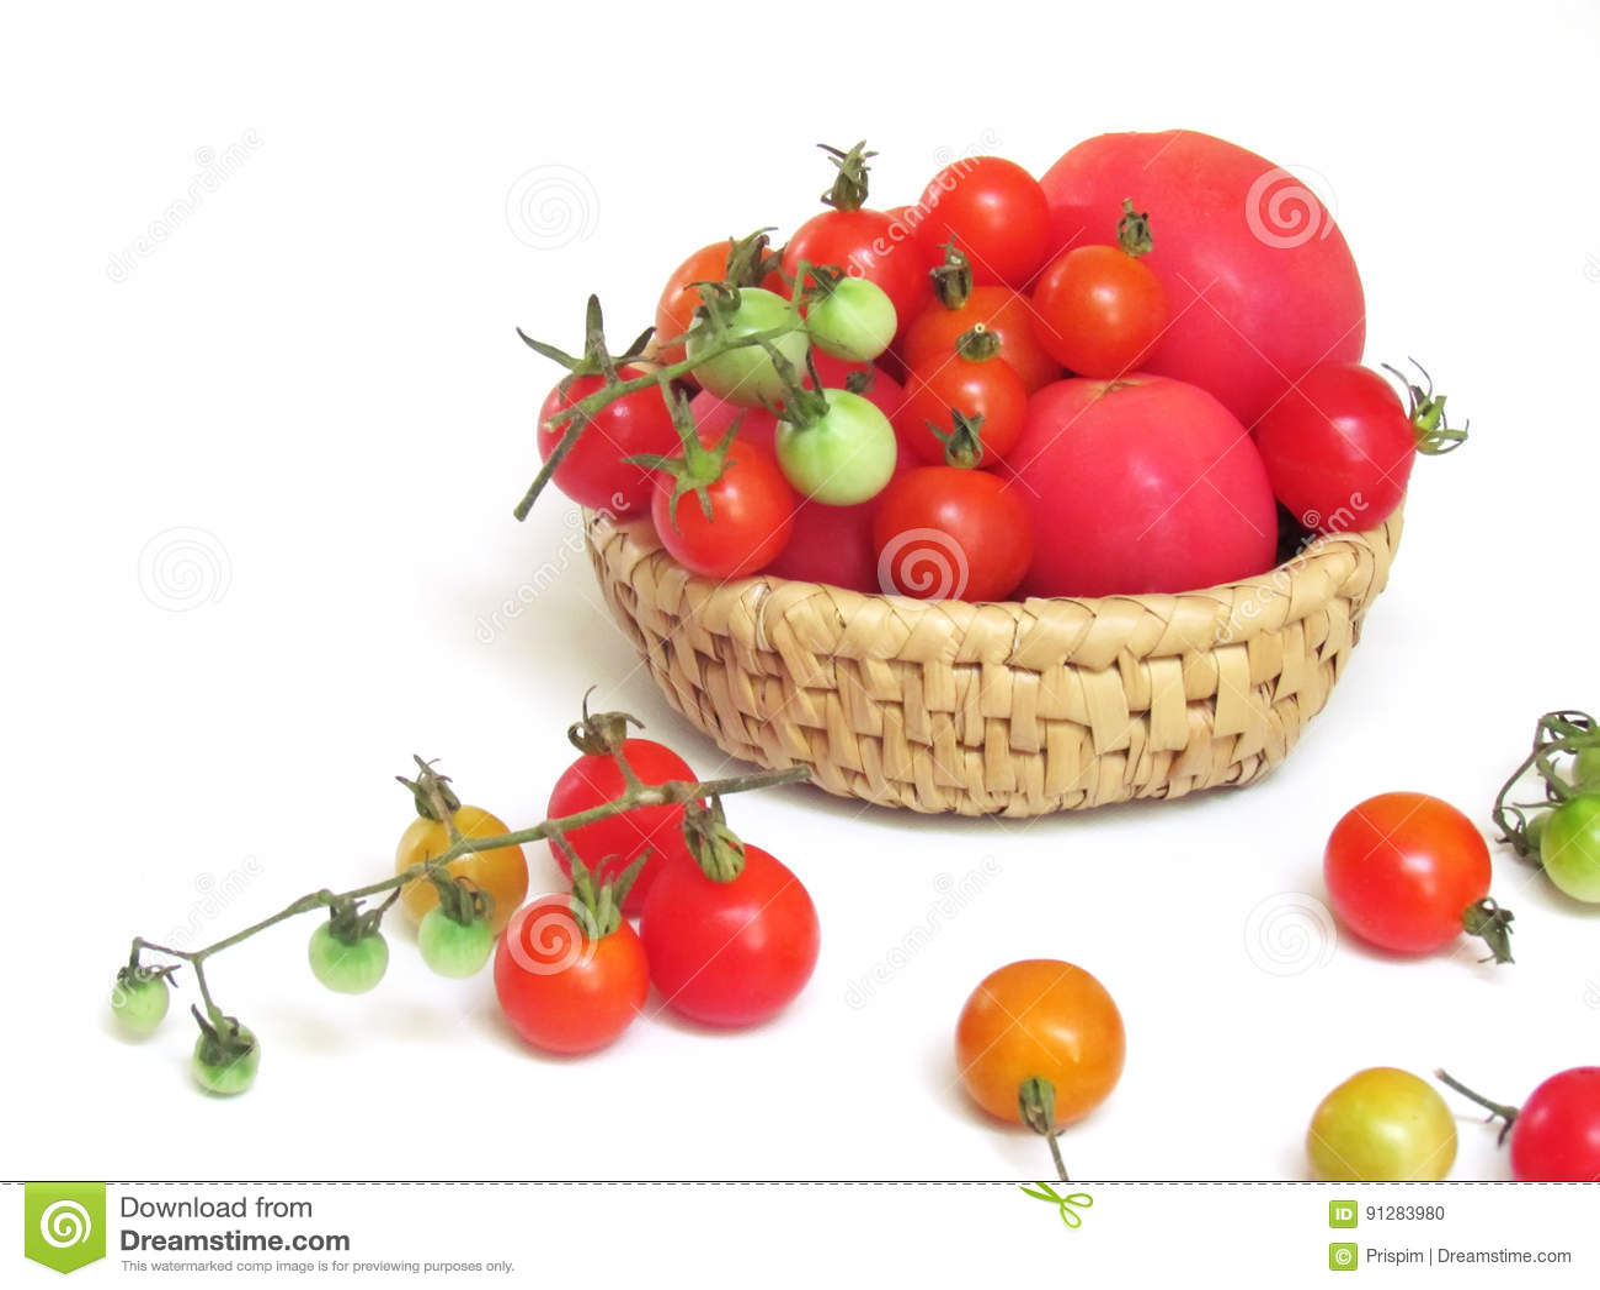 Nya tomater i en variation av färger och format, satte tillsammans i en korg